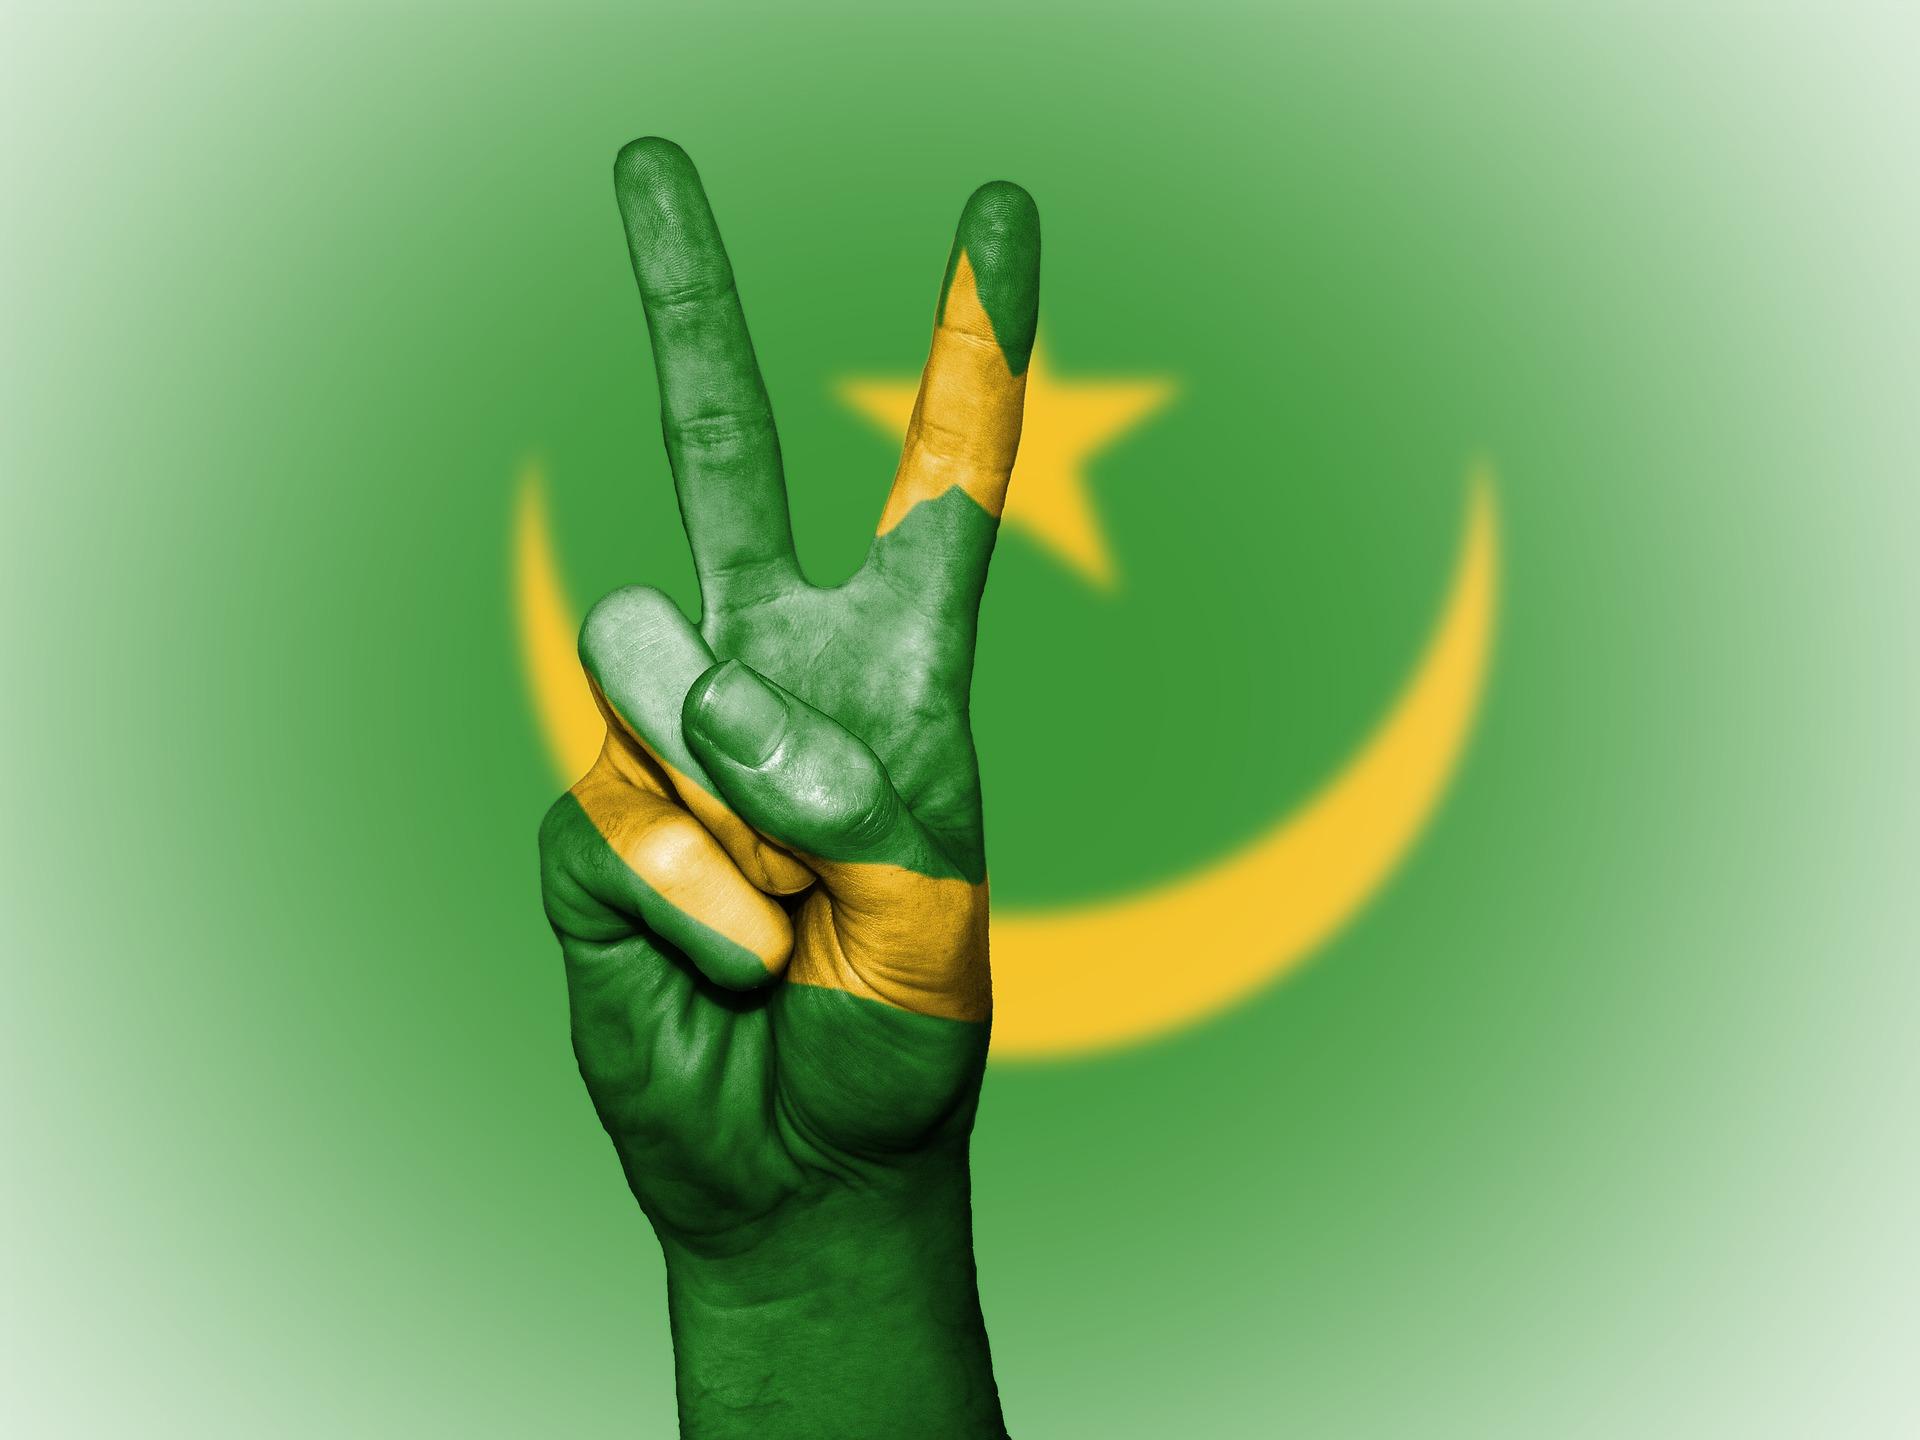 mauritania-2131291_1920.jpg